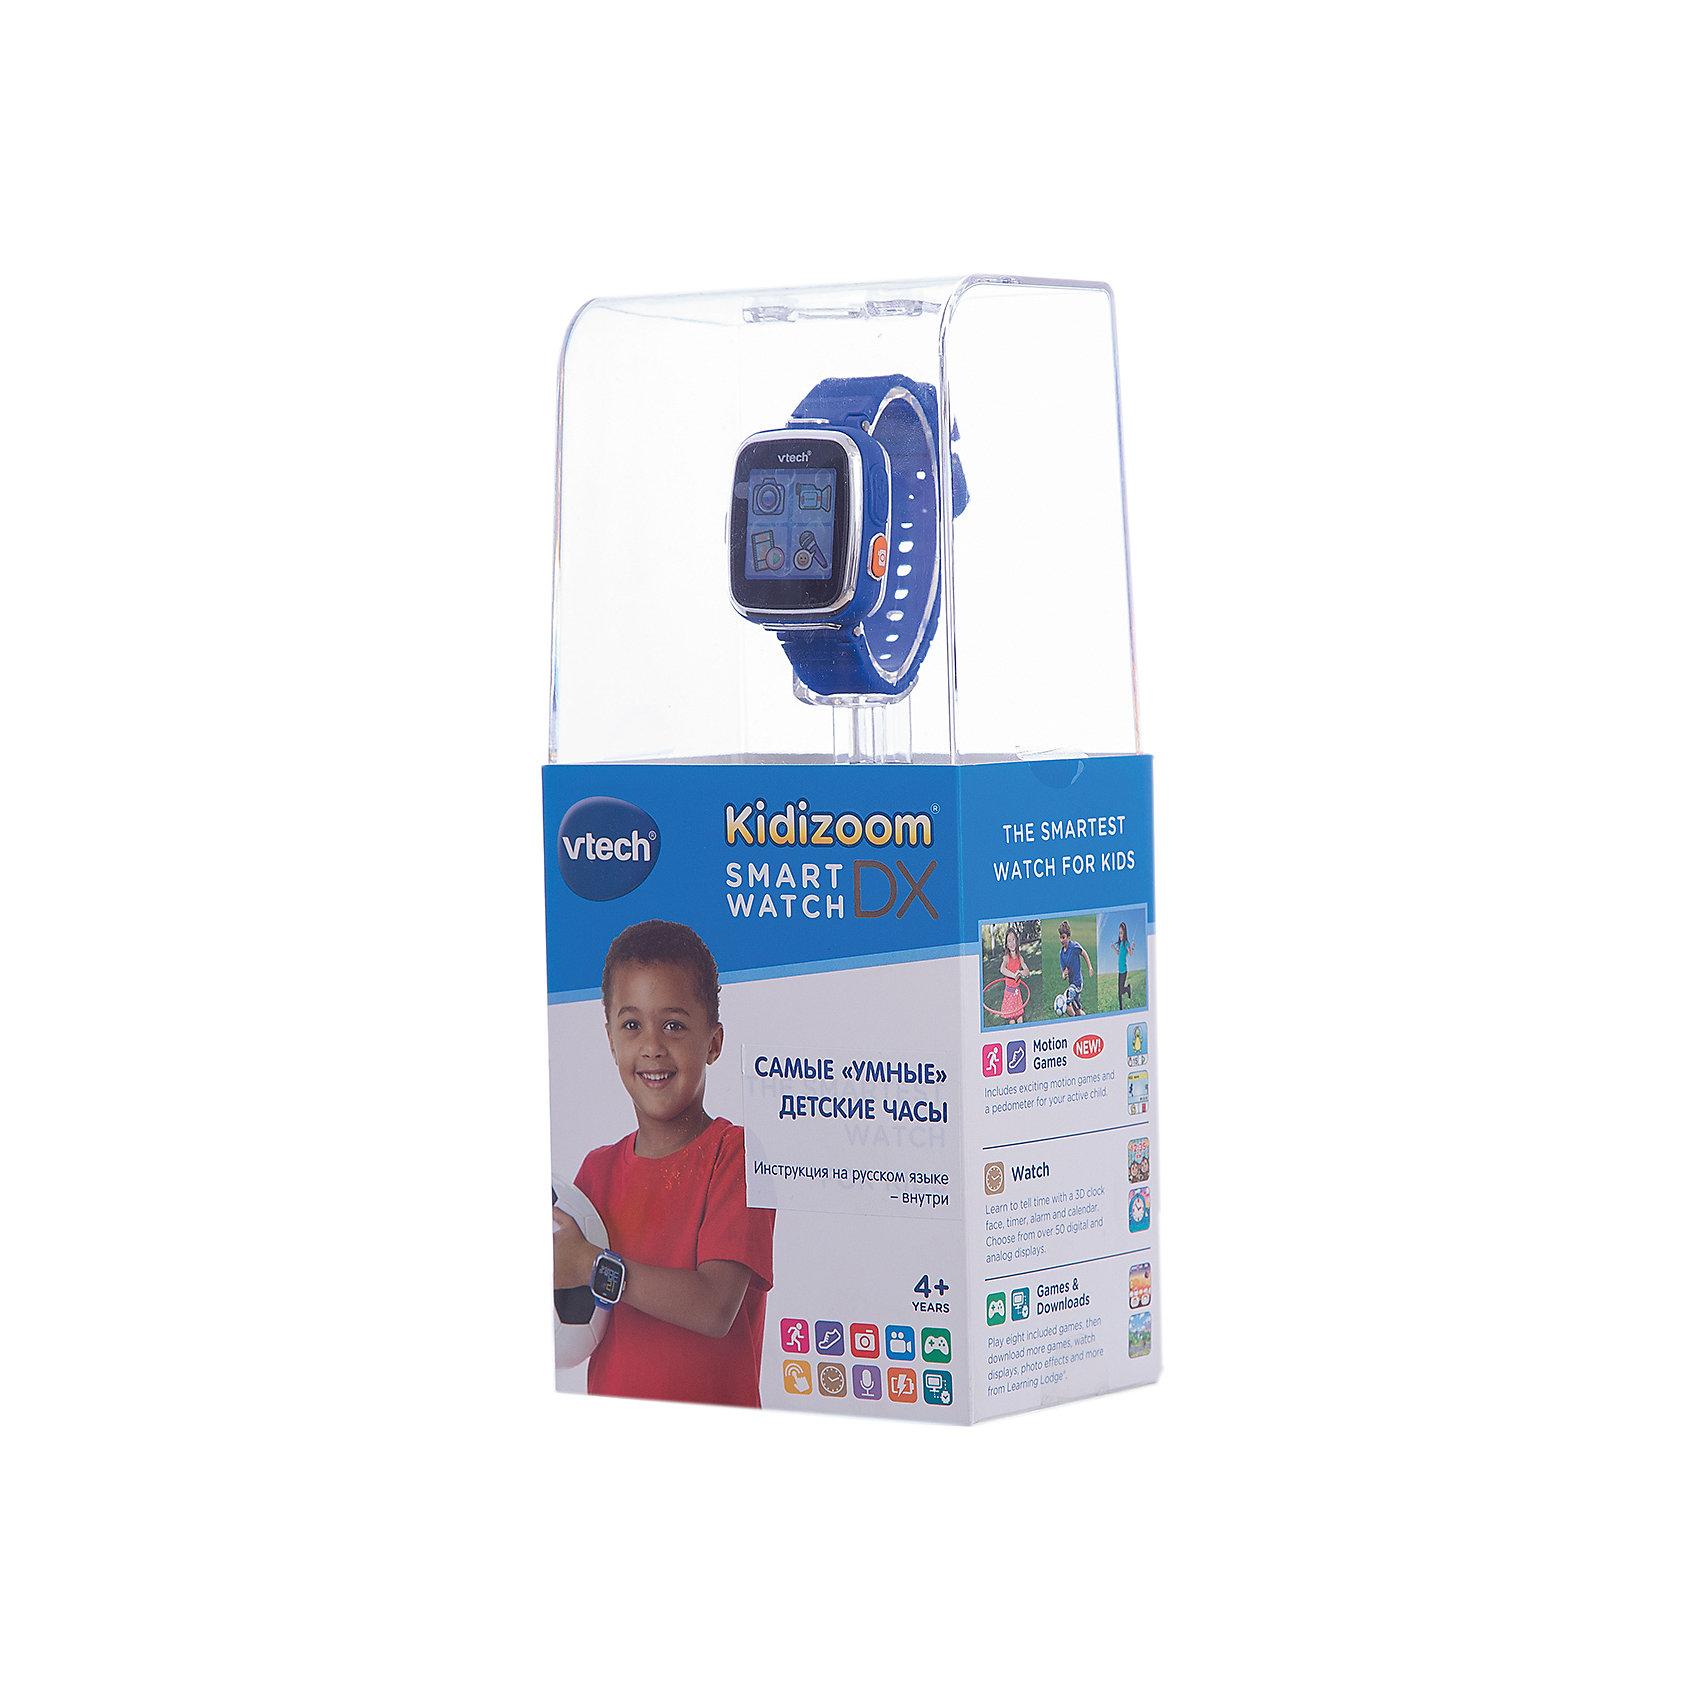 Цифровые часы для детей Kidizoom Smartwatch DX, синие, VtechДетская электроника<br>Характеристики:<br><br>• Материал: пластик <br>• Цифровые часы<br>• Встроенный фотоаппарат<br>• Видеосъемка и обработка изображений<br>• Запись голоса<br>• Встроенный Li-ion аккумулятор<br>• 5 встроенных игр<br>• Объем памяти устройства: 256 МБ (на 800 фото)<br>• Длина ремешка: 22 см<br>• Размер дисплея 5*5 см<br>• Особенности ухода: допускается сухая чистка<br><br>Цифровые часы для детей Kidizoom Smartwatch DX, синие, Vtech – это многофункциональный интерактивный гаджет от французского производителя, который является мировым лидером по выпуску электронных обучающих устройств и игрушек. Эти уникальные часы относятся к последнему поколению обучающих электронных устройств для детей. <br><br>Многофункциональные часы включают в себя множество полезных и необходимых функций, которые позволят вашему ребенку не только соблюдать режим, но и осваивать современные технологии. В часы встроена видеокамера, фотоаппарат, будильник, шагомер, калькулятор, таймер, диктофон и календарь. Разнообразные настройки позволяют оформить дисплей с учетом индивидуального вкуса.<br><br>Корпус и элементы часов выполнены из прорезиненного пластика, устойчивого к появлению царапин и сколов. Размер ремешка у часов универсальный. Часы оснащены аккумулятором, который способен держать уровень заряд до 2-х недель. <br><br>Цифровые часы для детей Kidizoom Smartwatch DX, синие, Vtech можно купить в нашем интернет-магазине.<br><br>Ширина мм: 127<br>Глубина мм: 279<br>Высота мм: 88<br>Вес г: 576<br>Возраст от месяцев: 48<br>Возраст до месяцев: 108<br>Пол: Унисекс<br>Возраст: Детский<br>SKU: 5471076